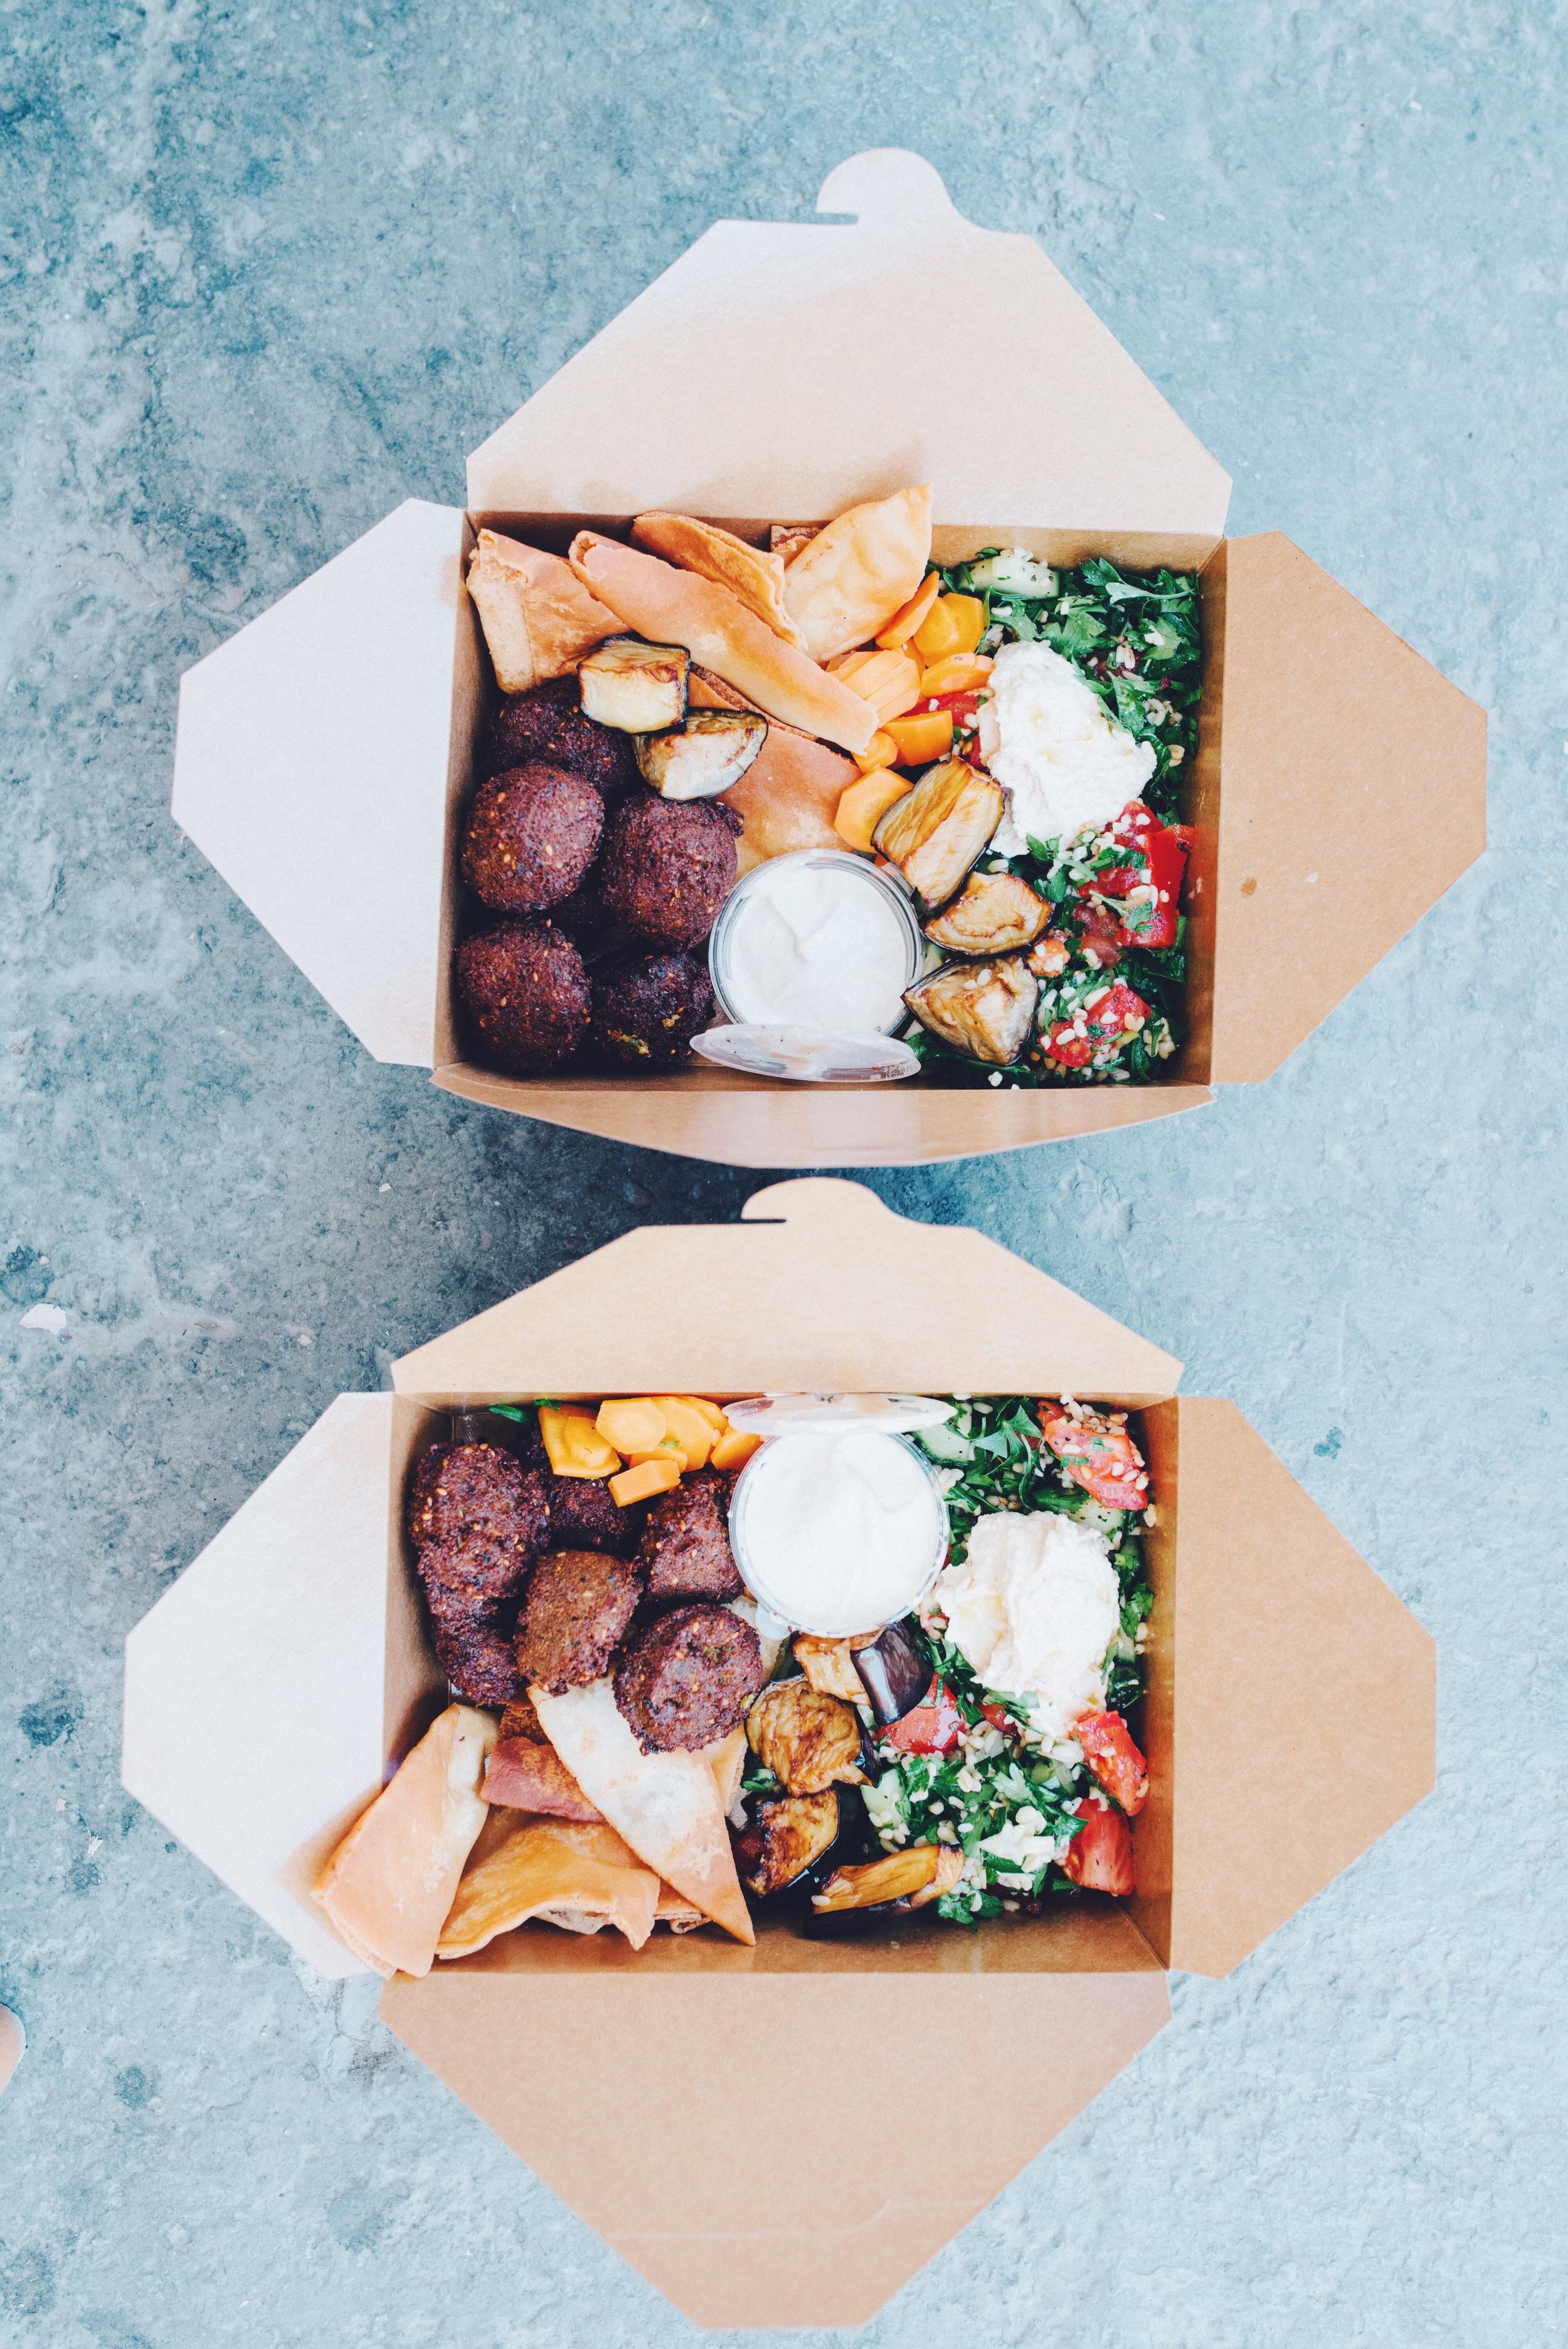 Lunch at falafel land: falafel boxes